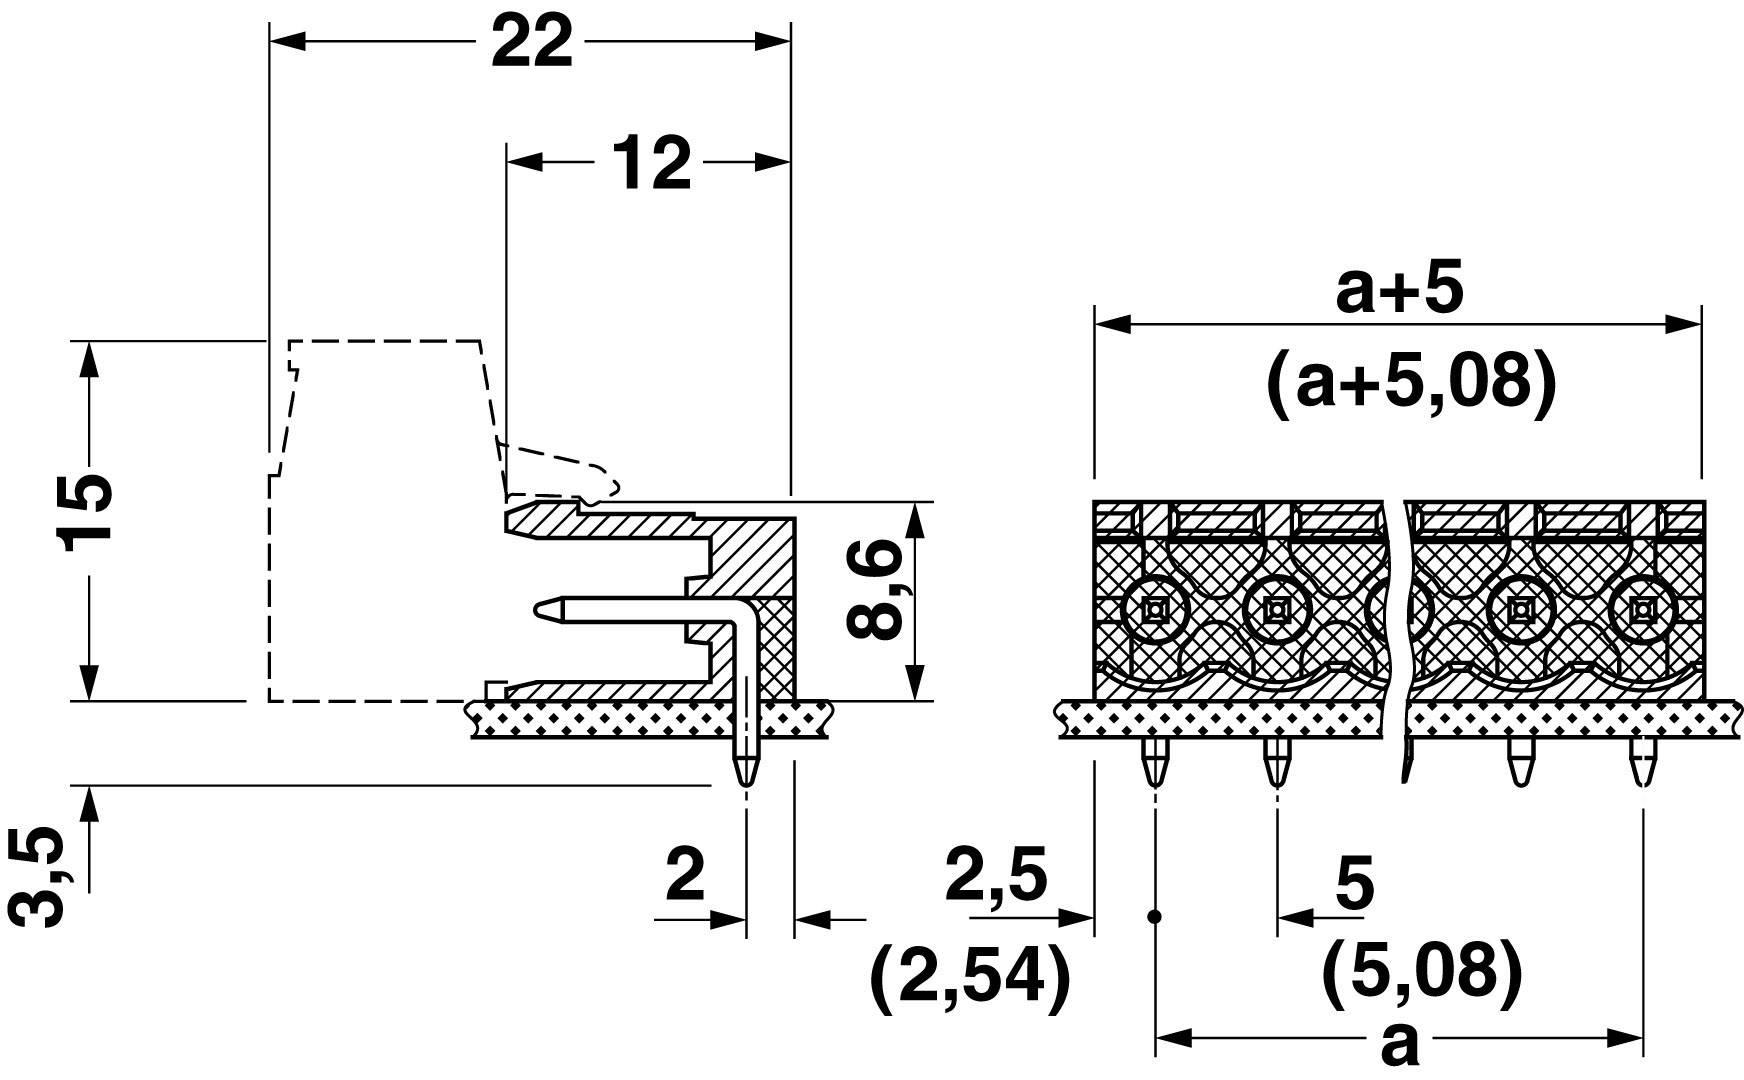 Svorkovnice 1řadá do DPS Phoenix Contact MSTB 2,5/ 9-G (1754575), 9pól., zelená